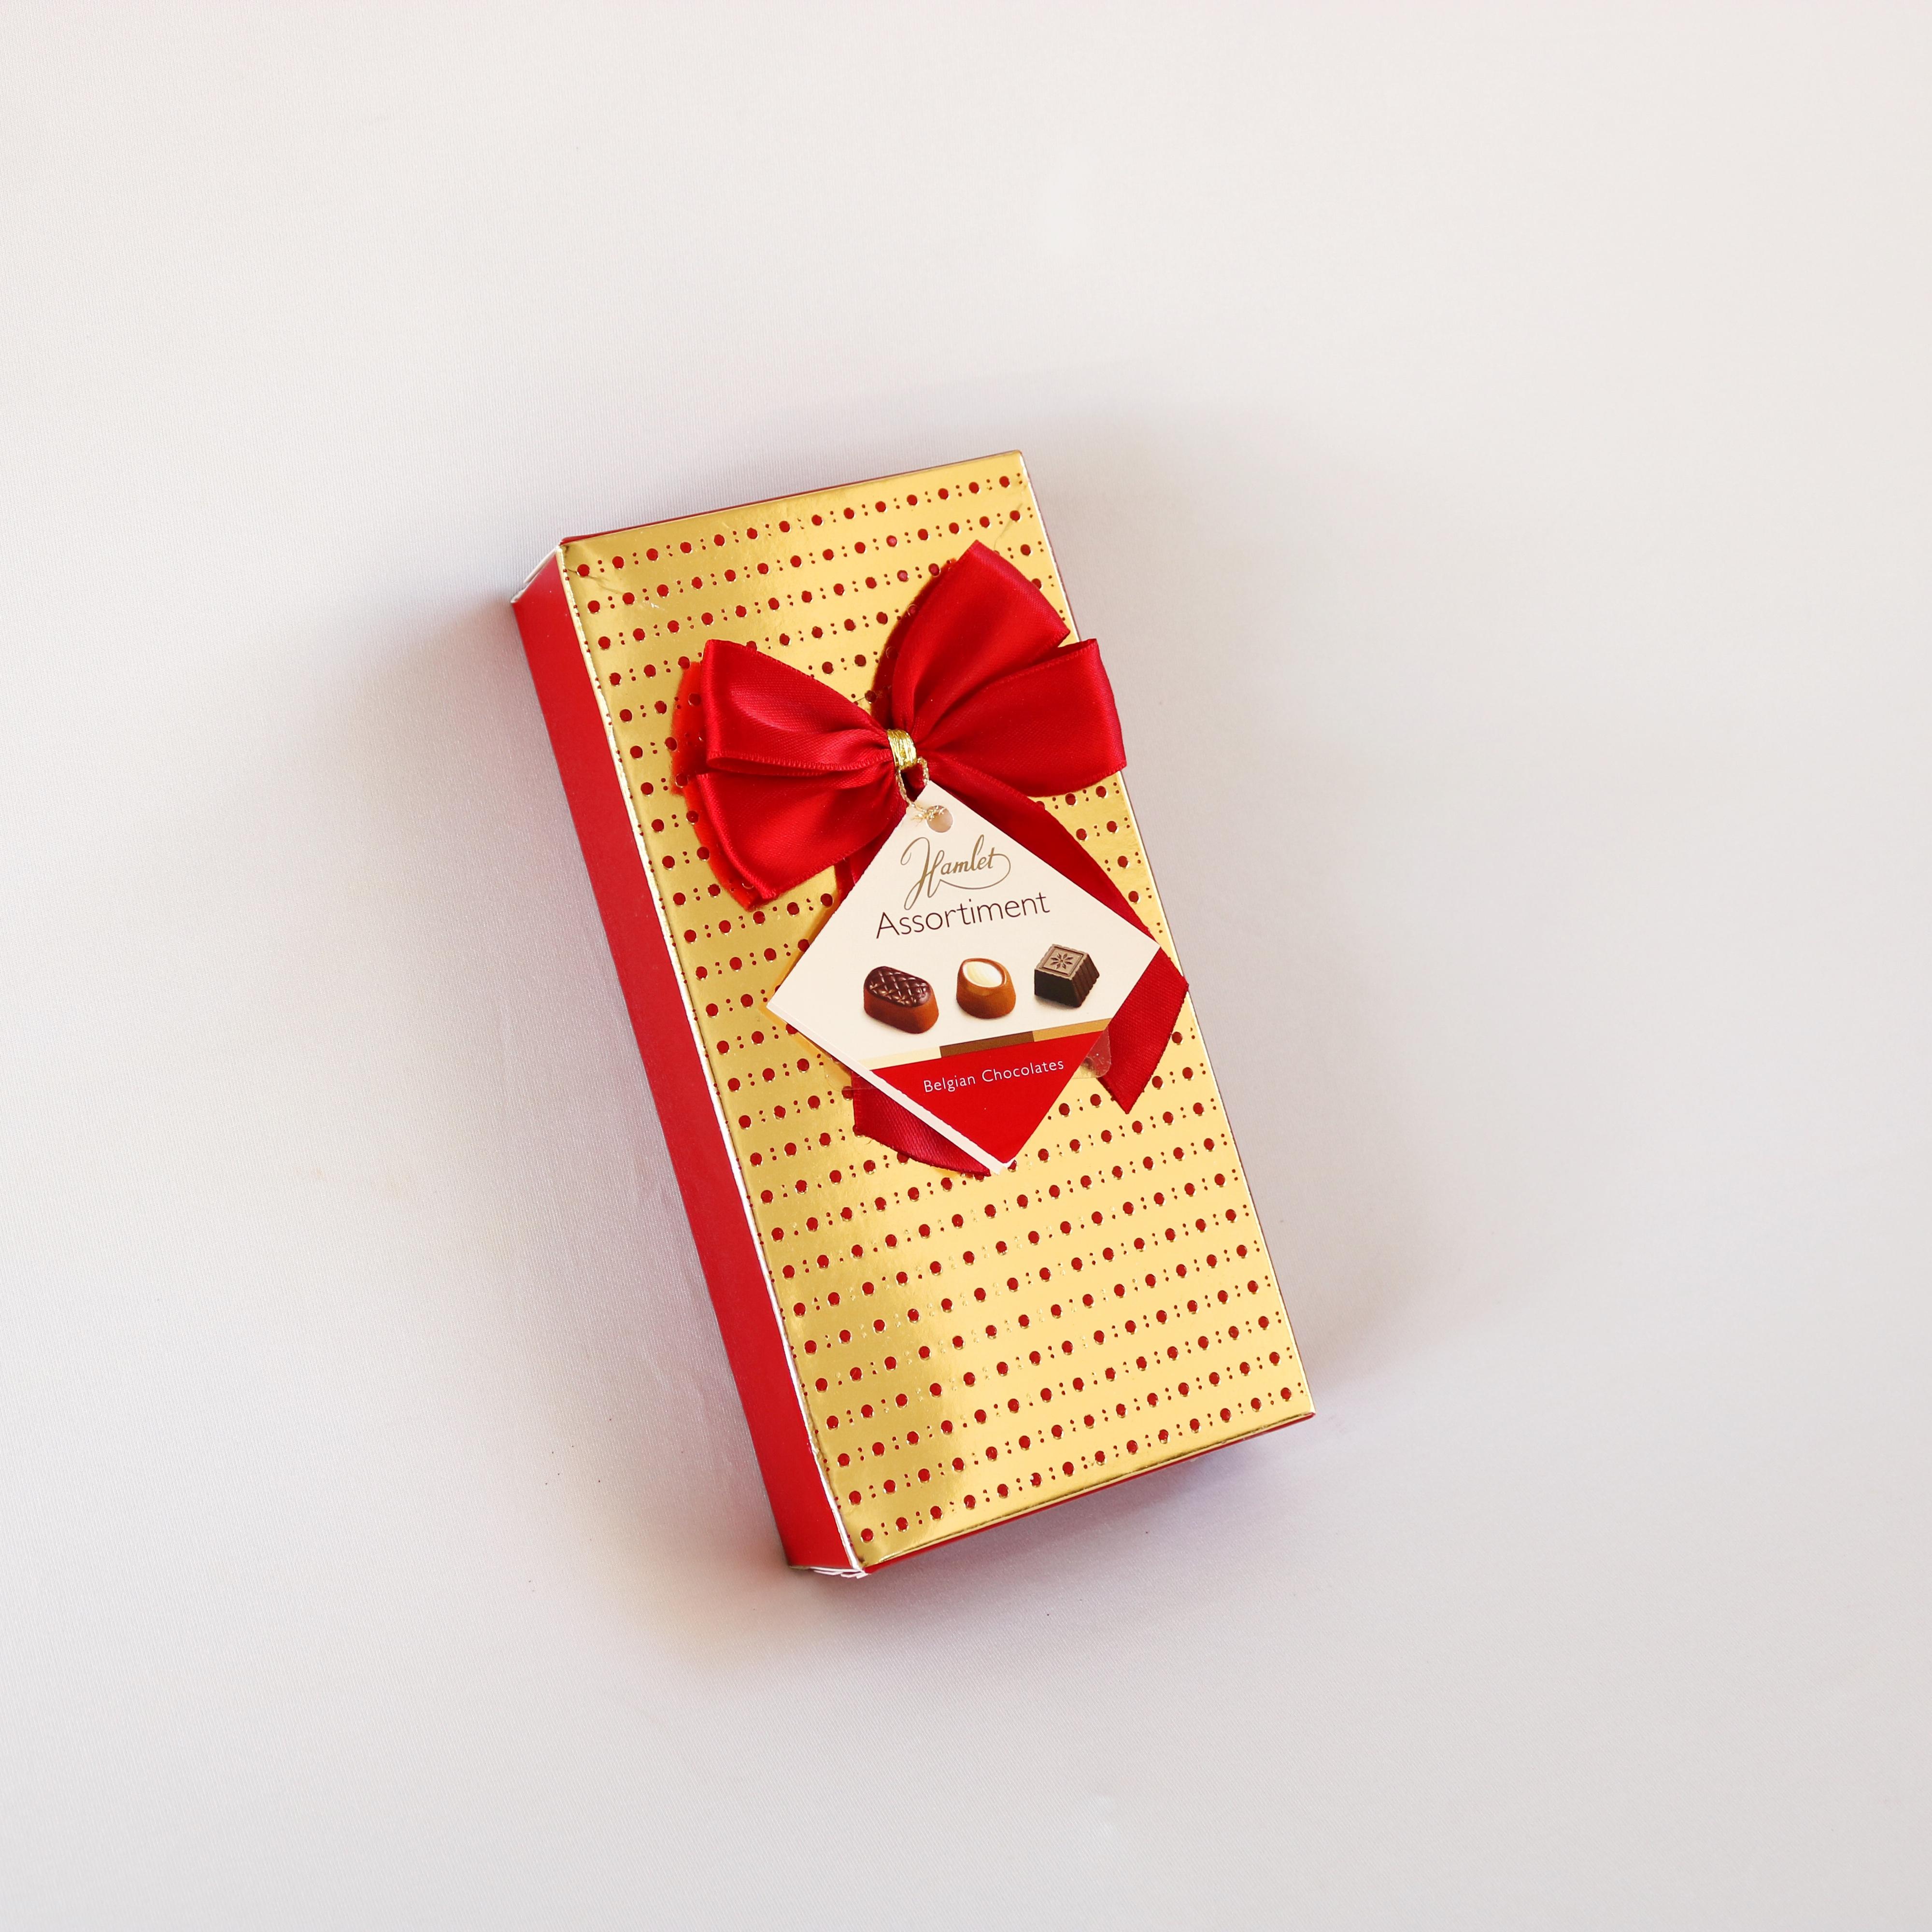 שוקולד המלט זהב אדום